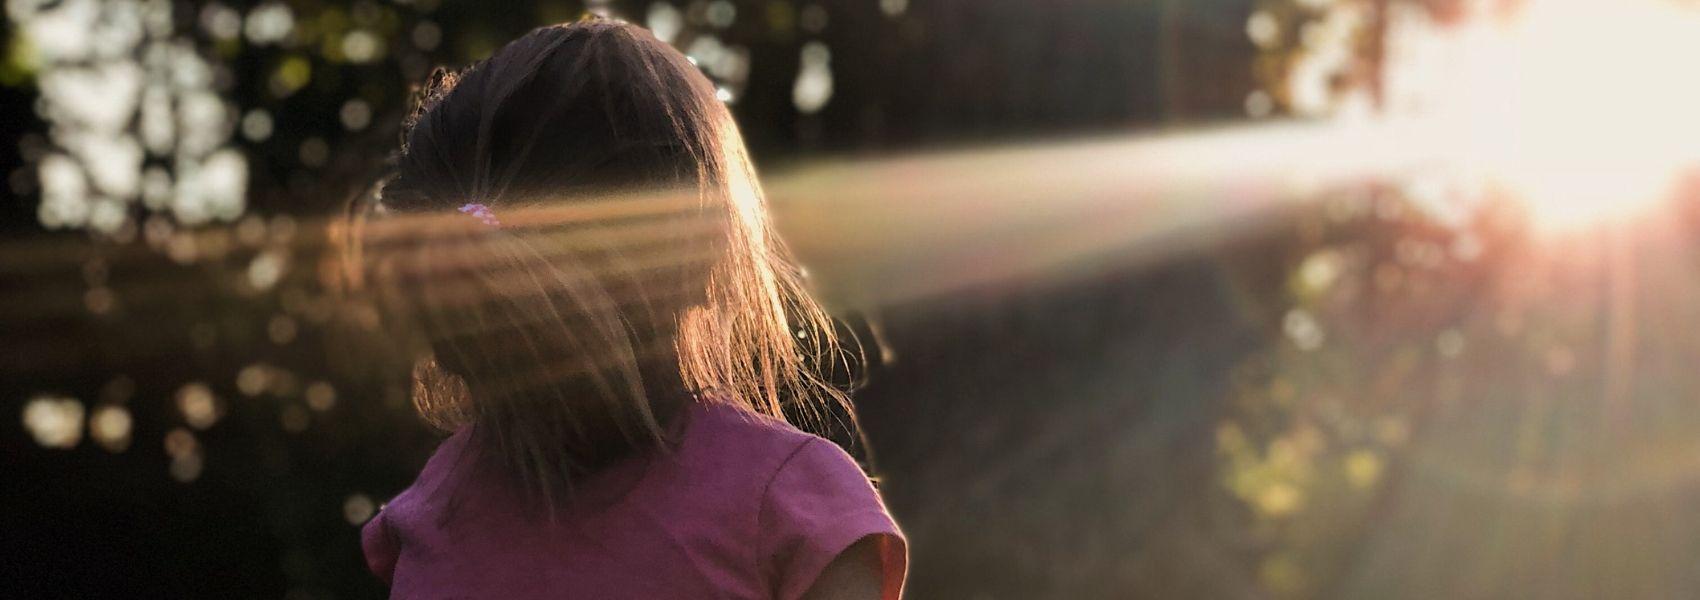 Estudos confirmam que mindfulness melhora o rendimento dos alunos